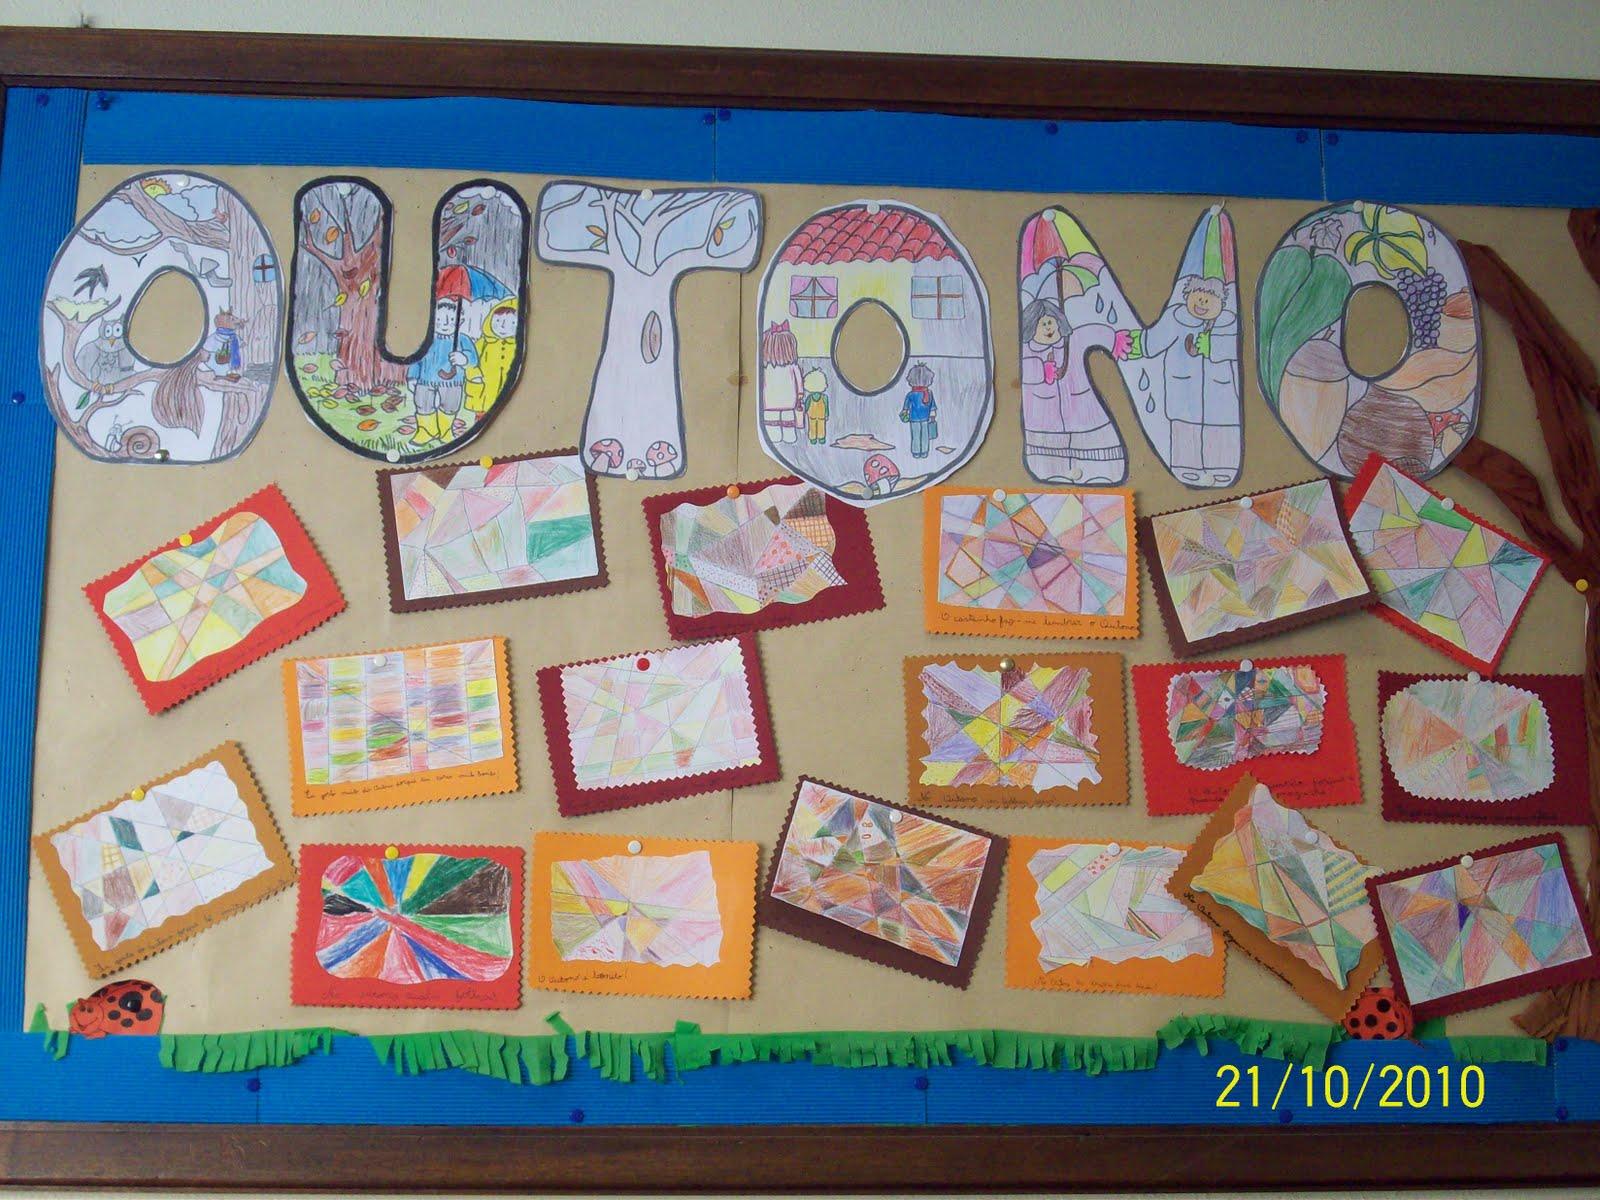 ideias para o outono jardim de infancia : ideias para o outono jardim de infancia:Escola Monte Aventino: TRABALHOS DE OUTONO